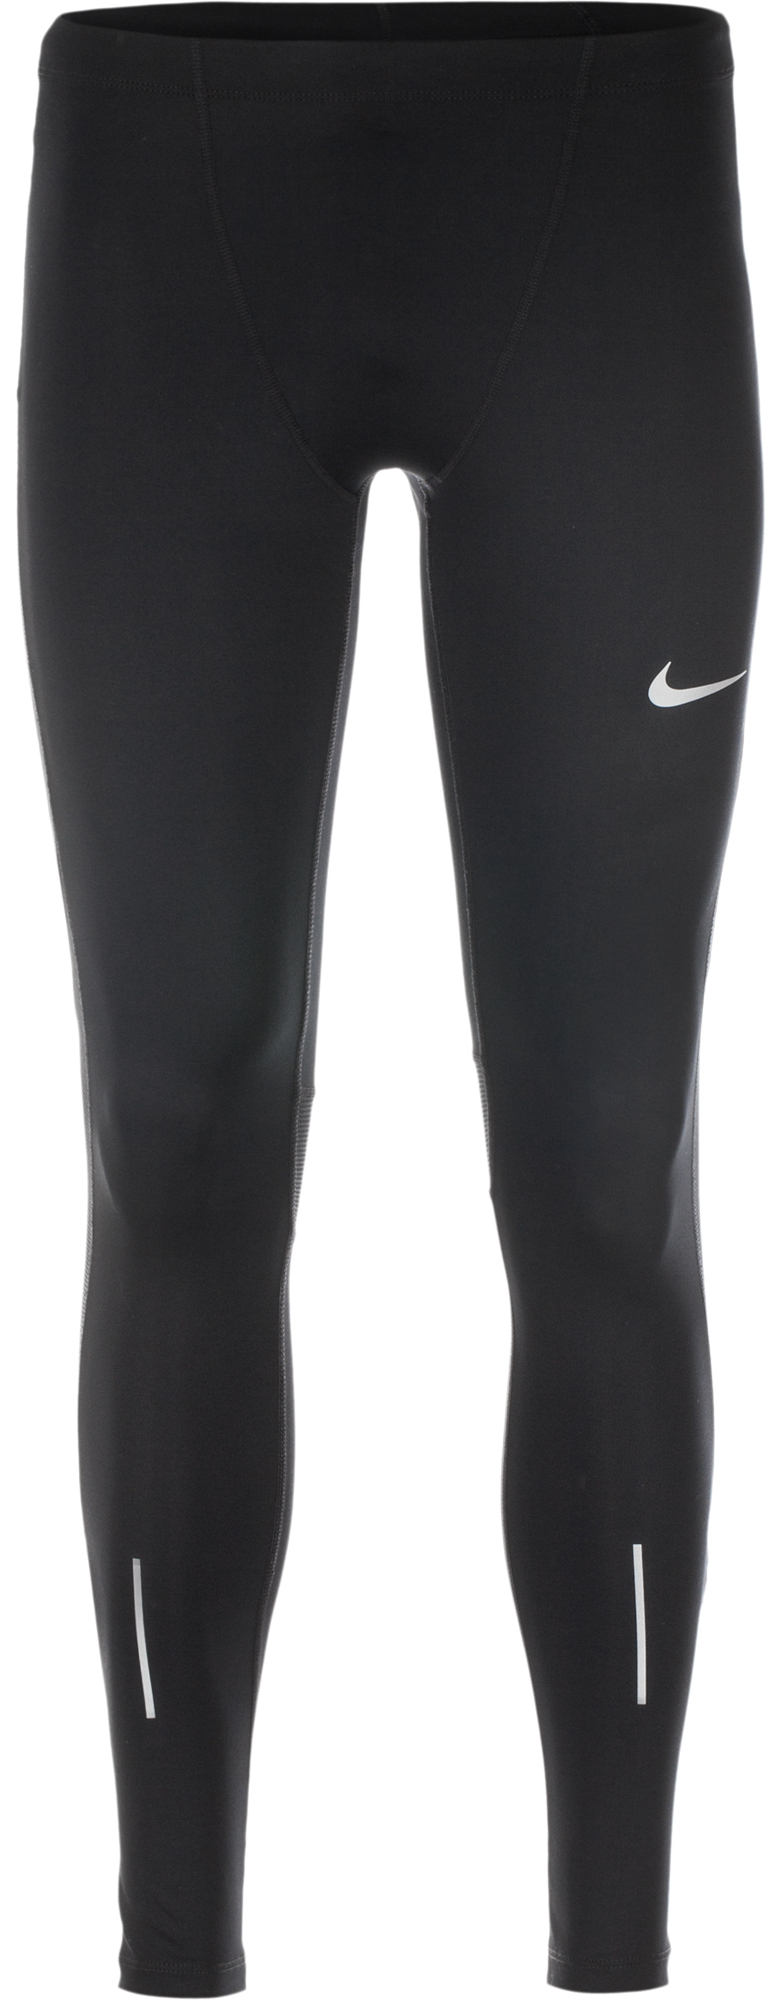 Nike Легинсы мужские Nike Power nike легинсы купить